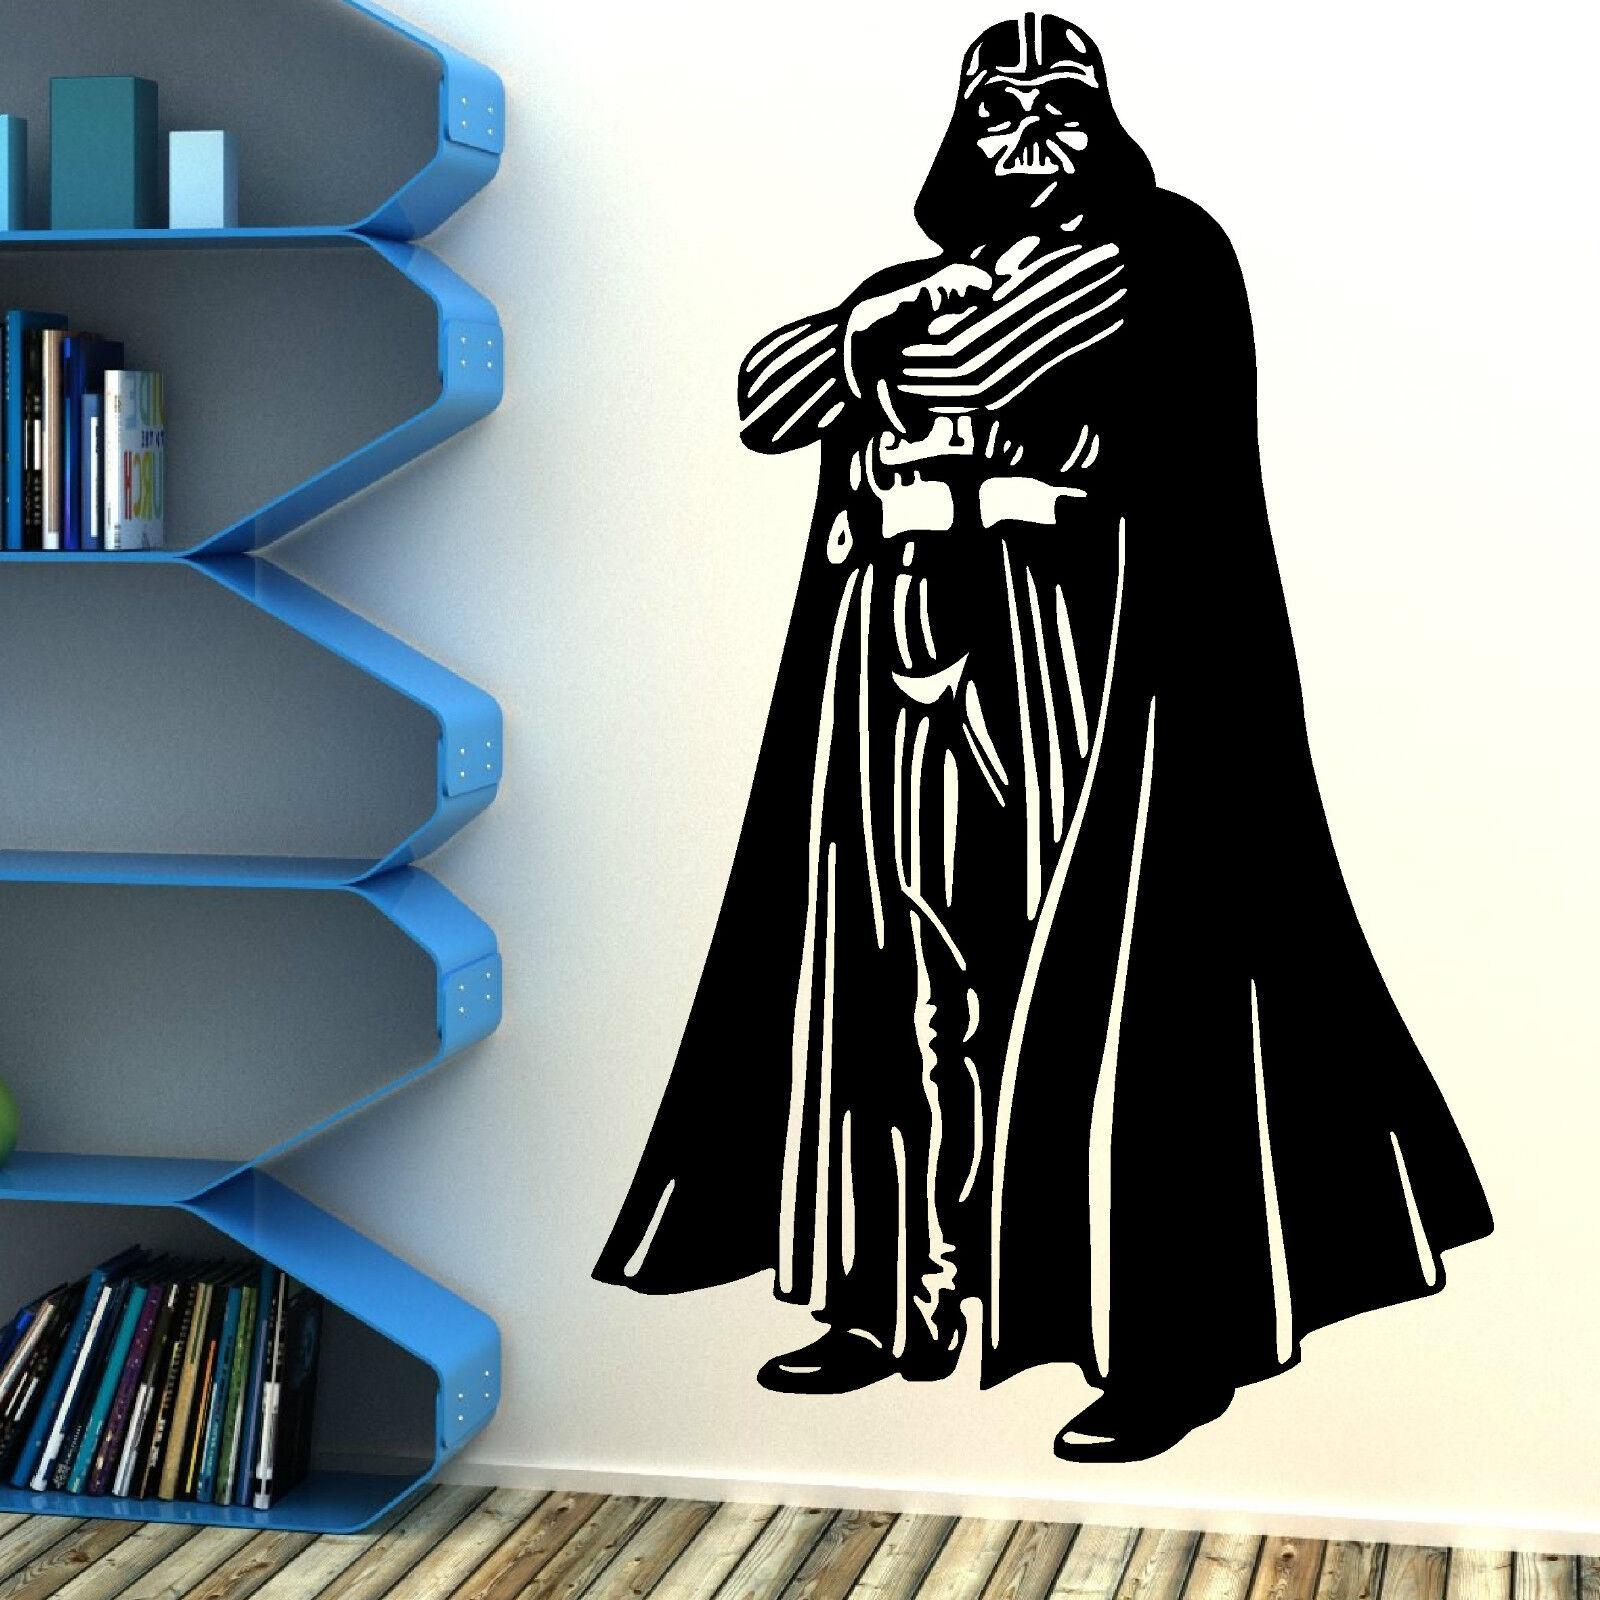 Star Wars Darth Vader Vinyl Wall Art Sticker Room Bedroom Movie Decal Ebay